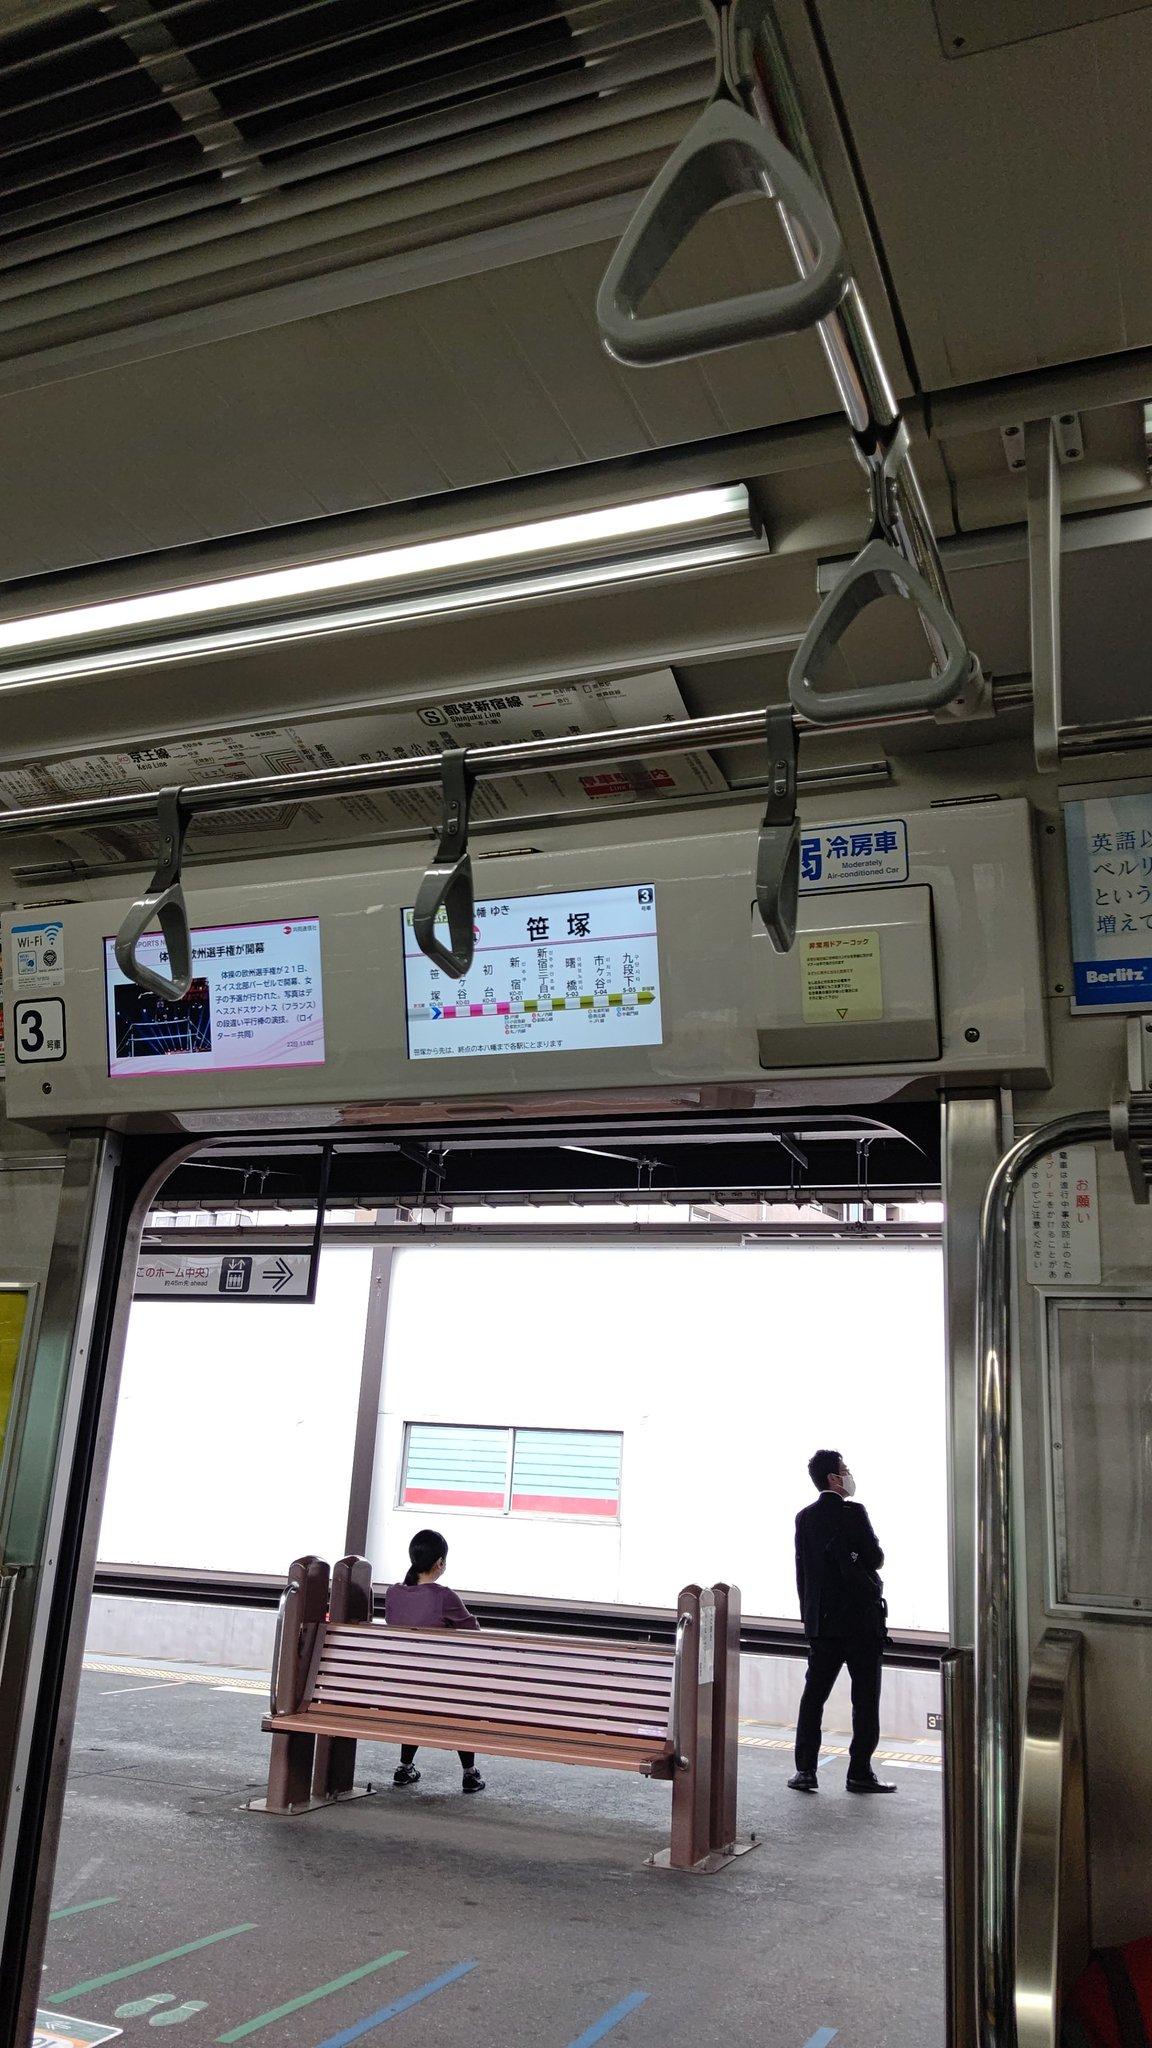 京王線の笹塚駅で人身事故の現場画像